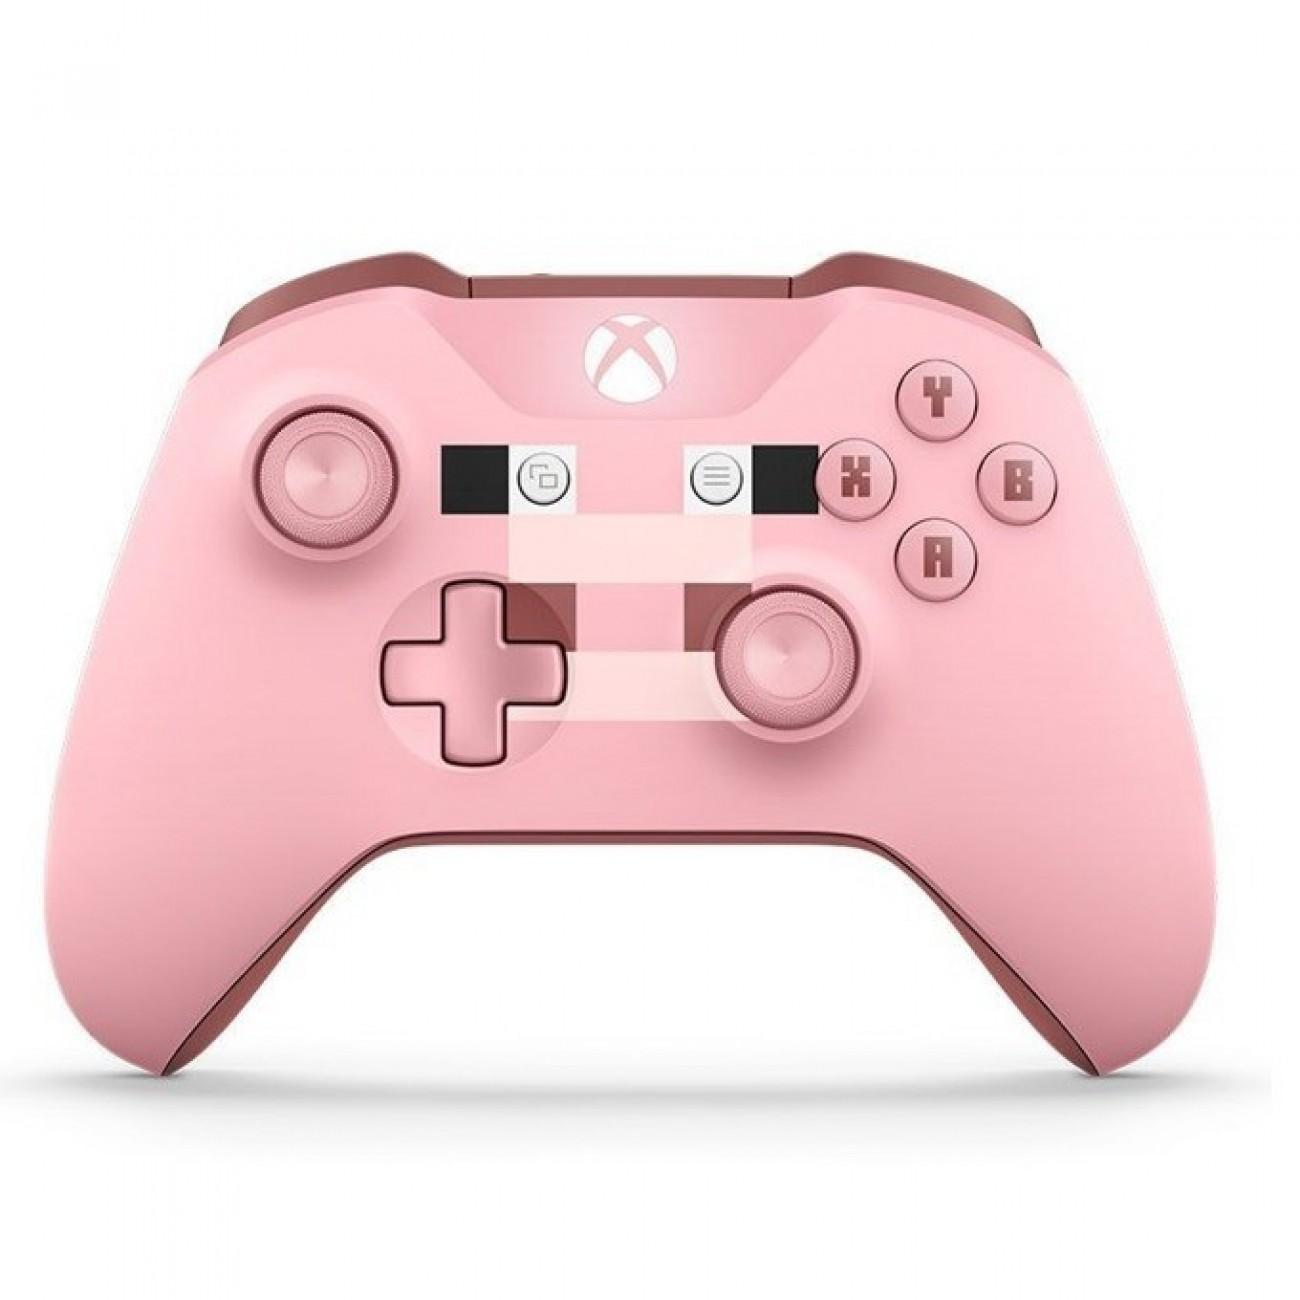 Геймпад Microsoft Xbox One Minecraft Pig, безжичен, розов в Геймпади, Волани, Джойстици -  | Alleop